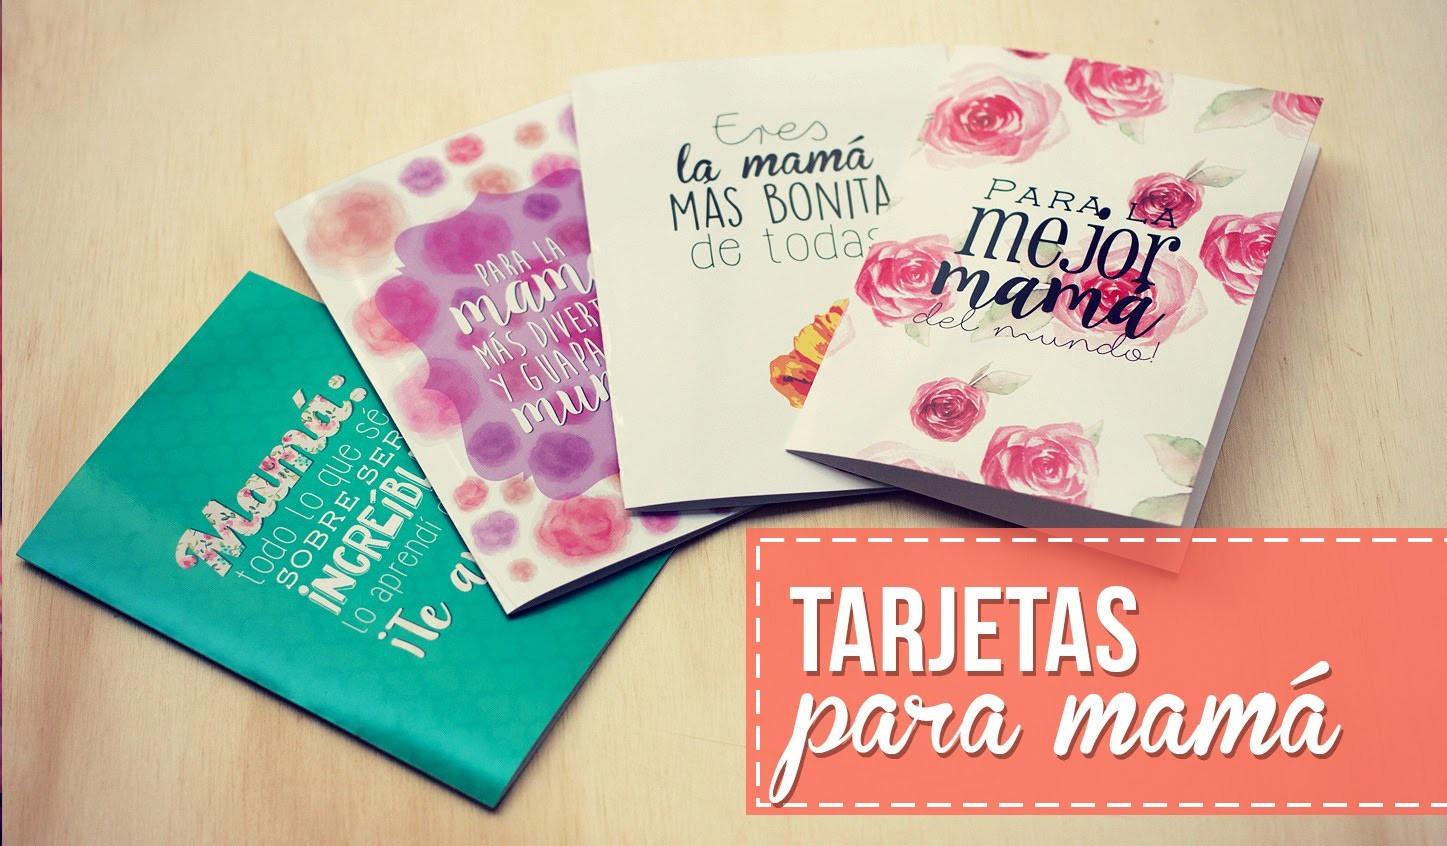 Tarjetas para mamá!